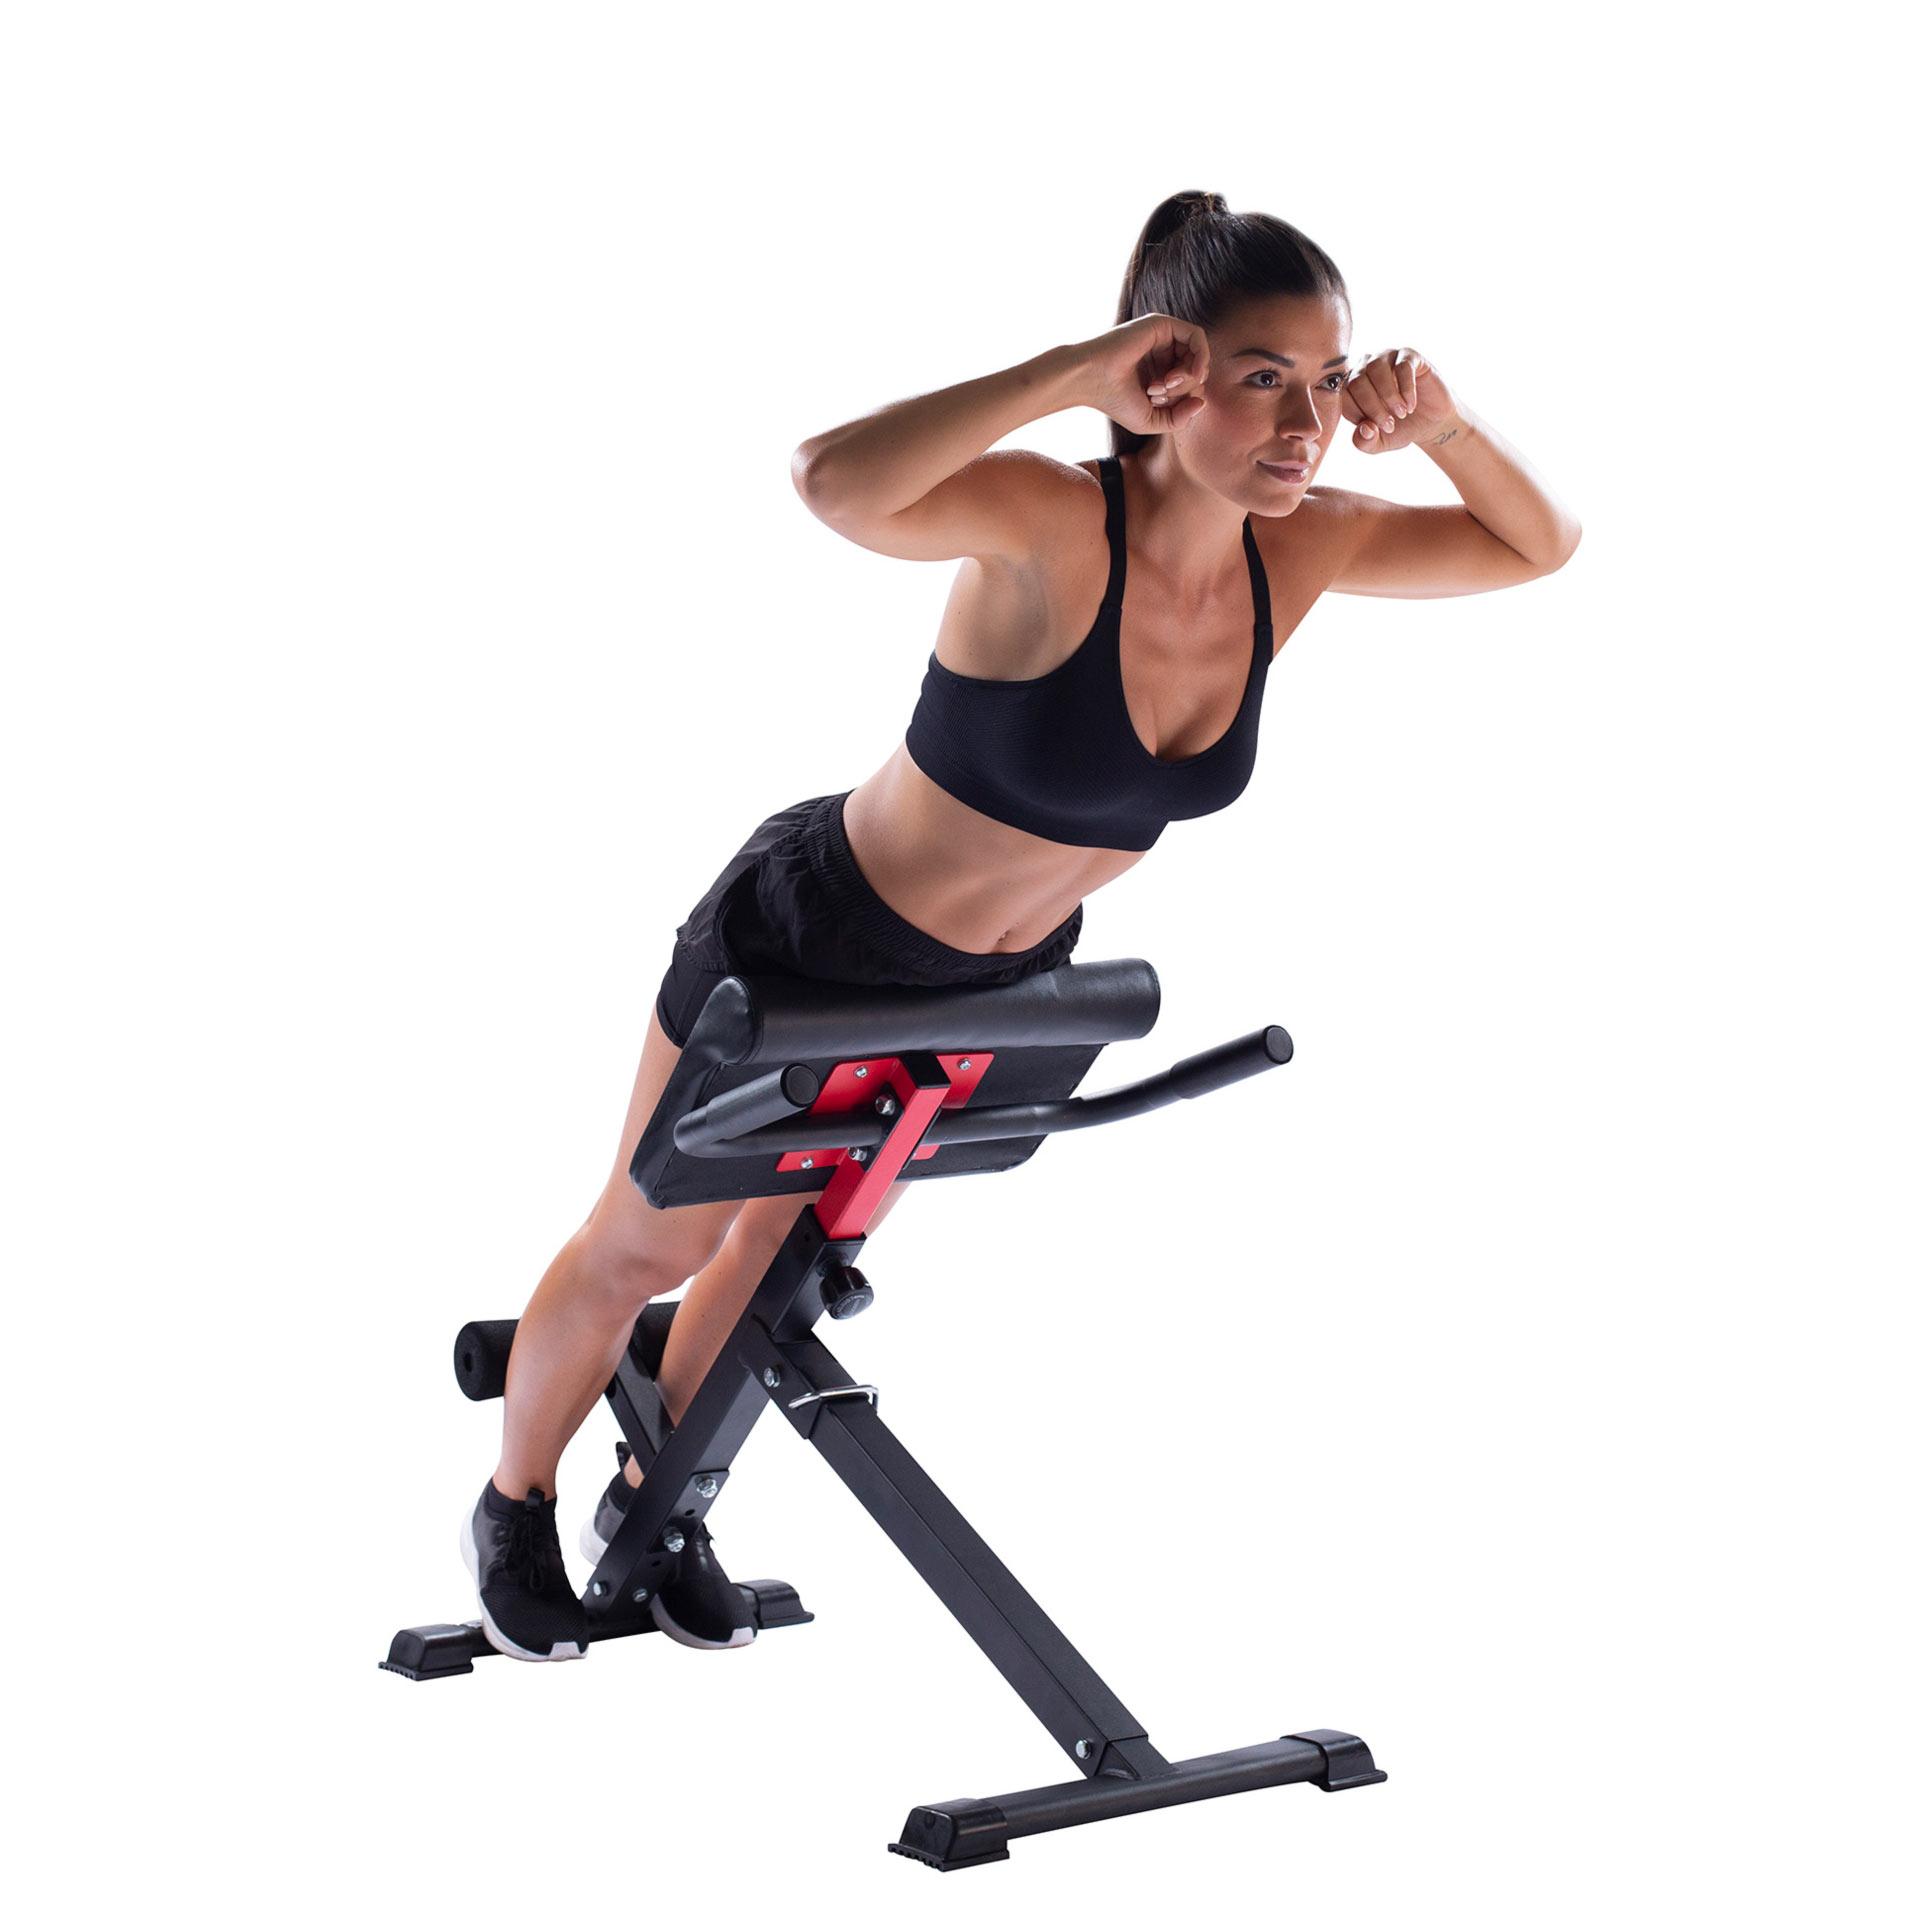 Bauch- und Rückentrainer AB 1000